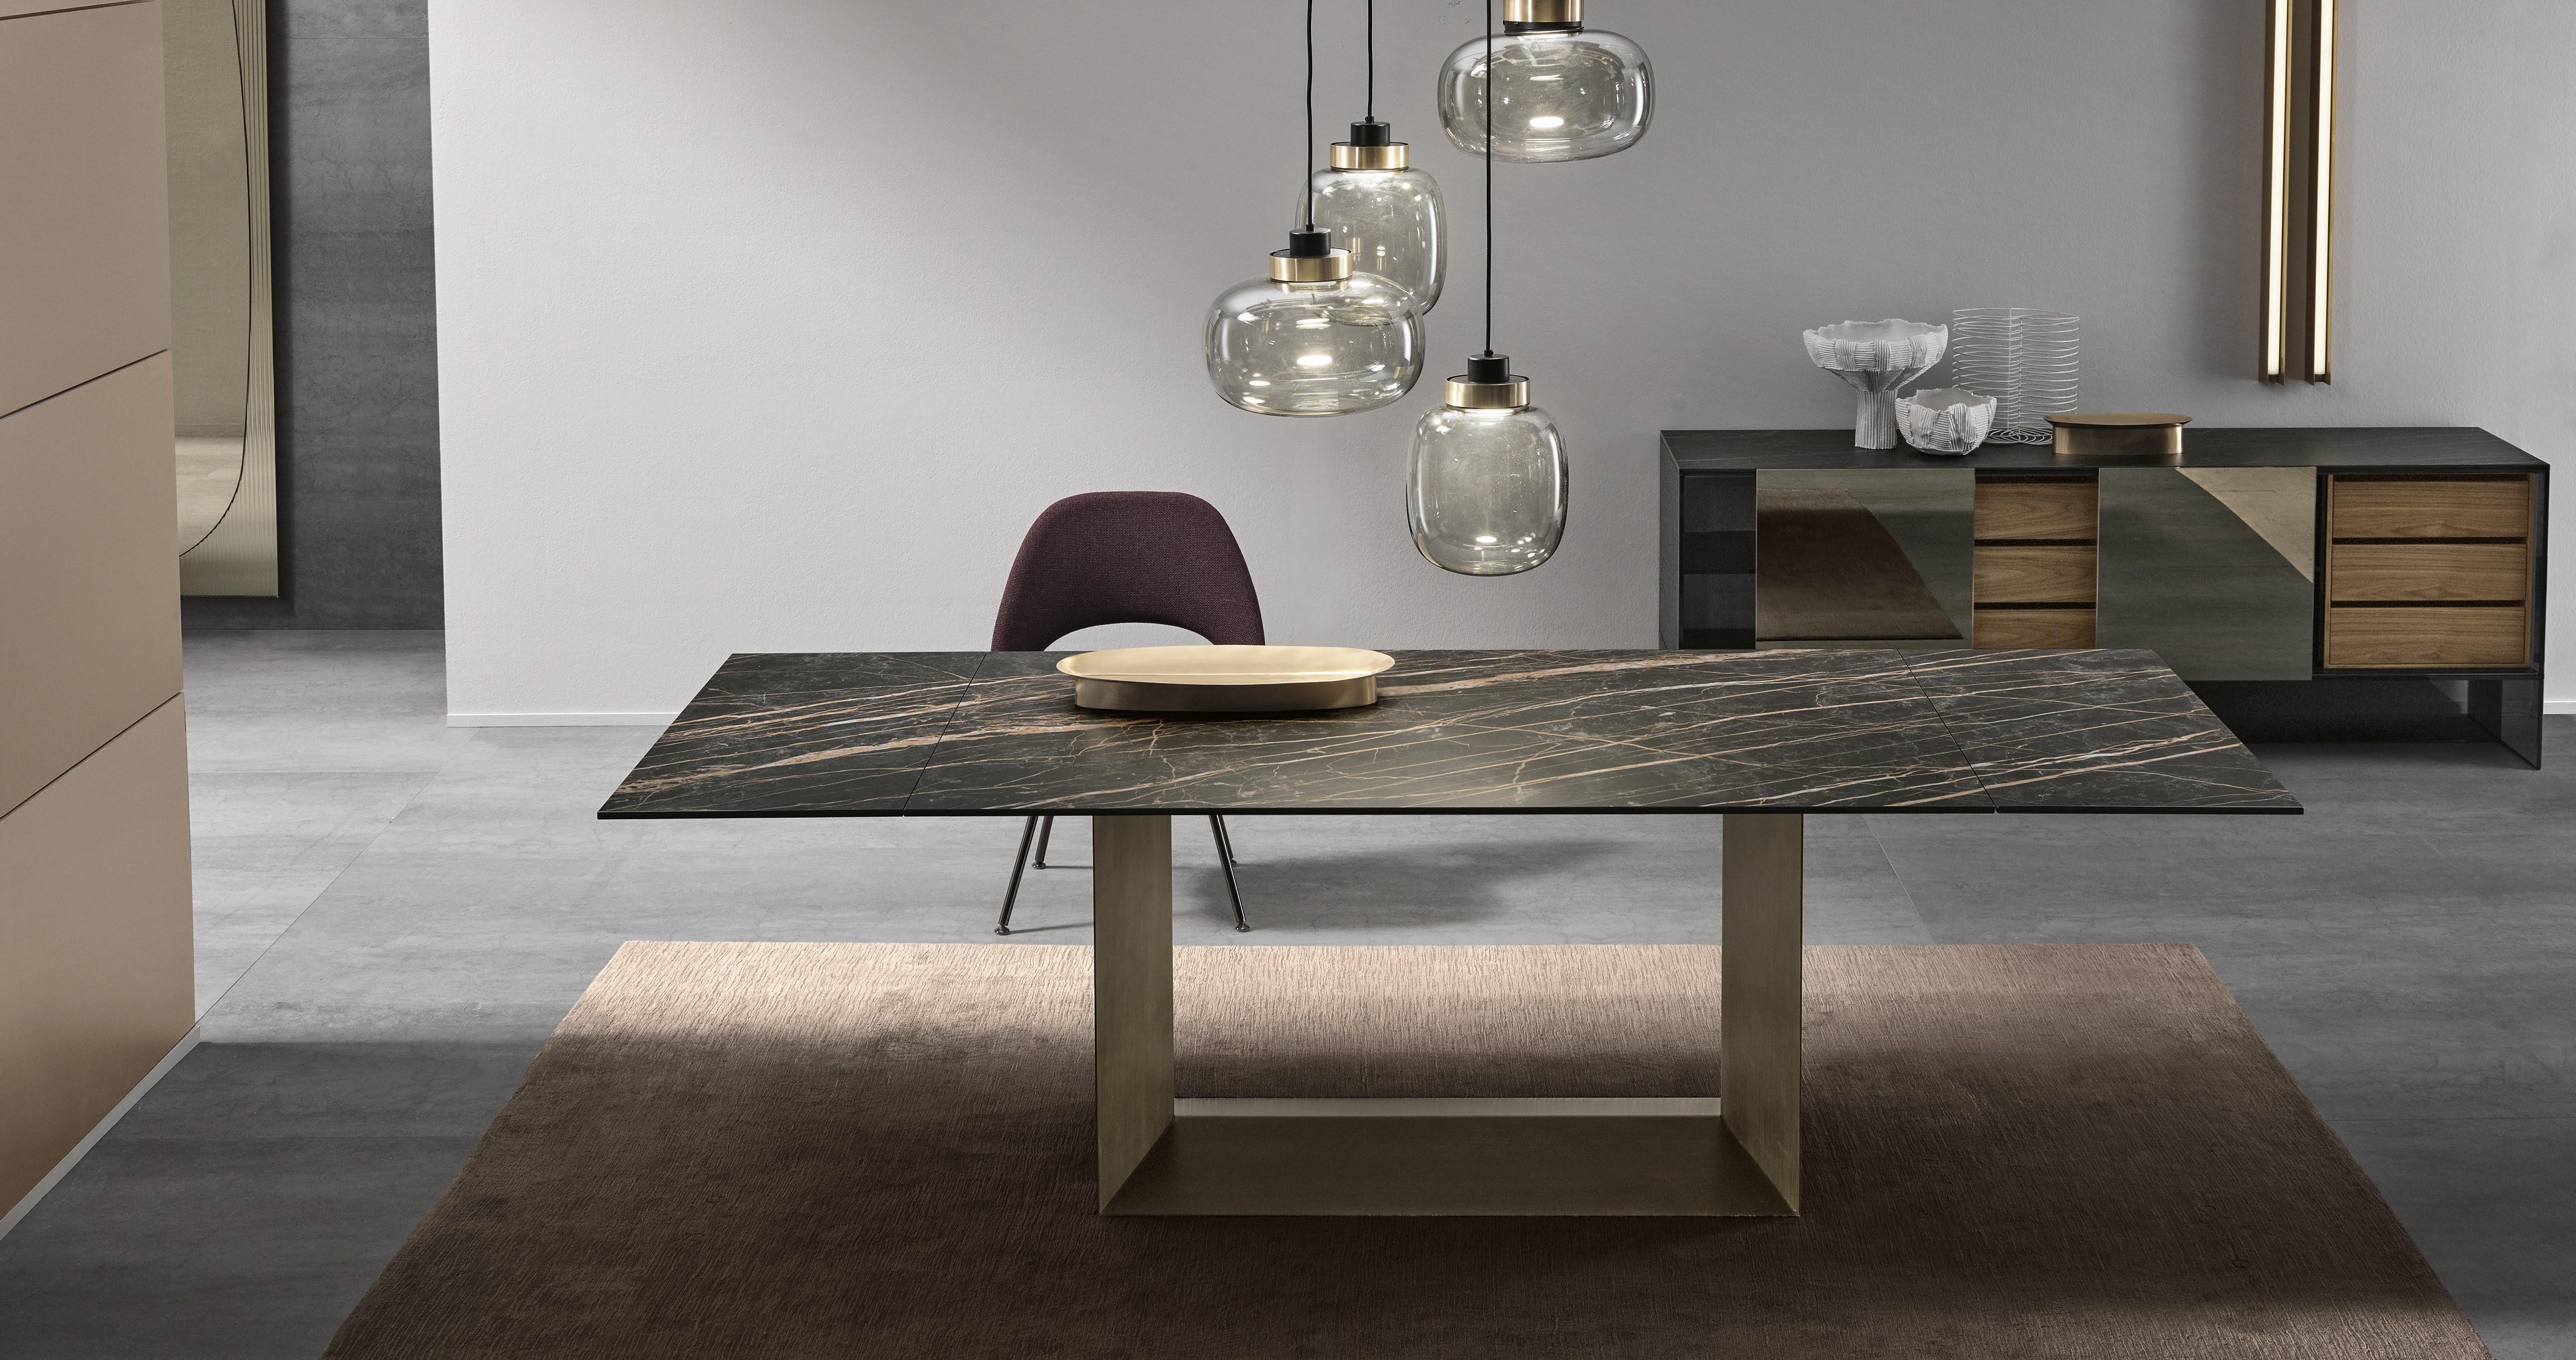 Tonelli design | Trend alert: glass + ceramic